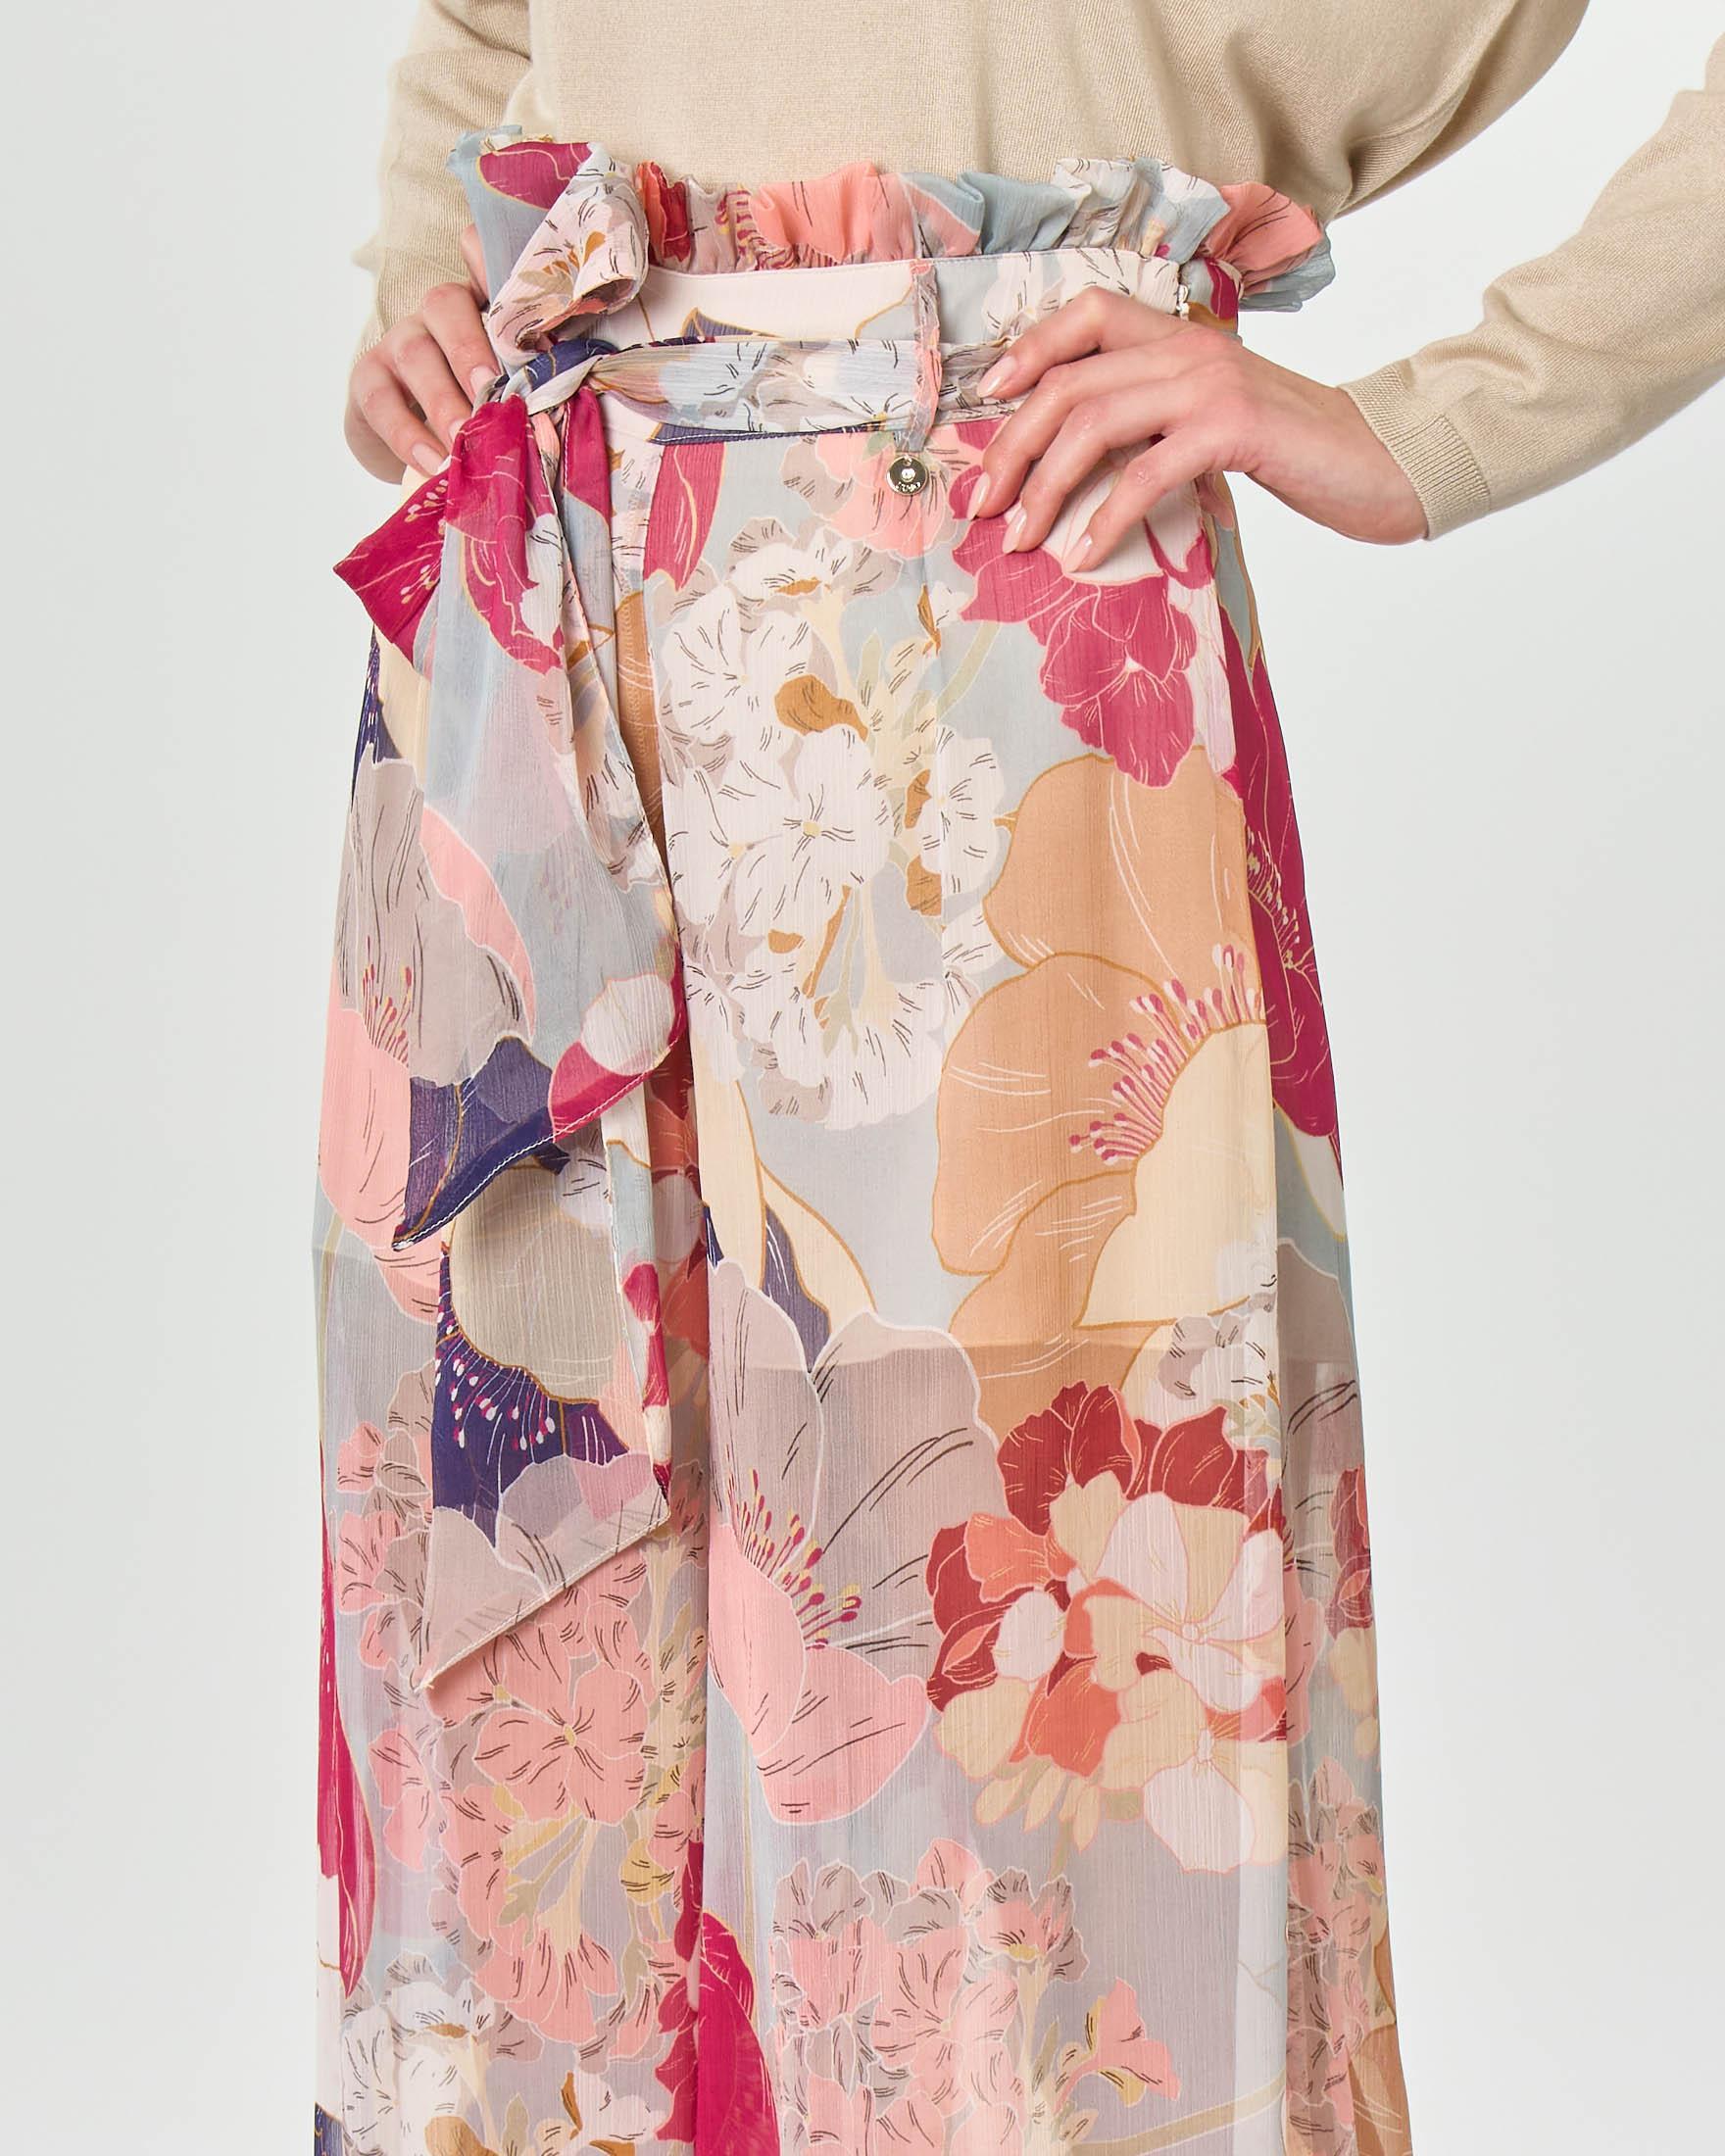 Pantaloni palazzo in crepon a stampa floreale multicolore con arricciatura e cintura in vita